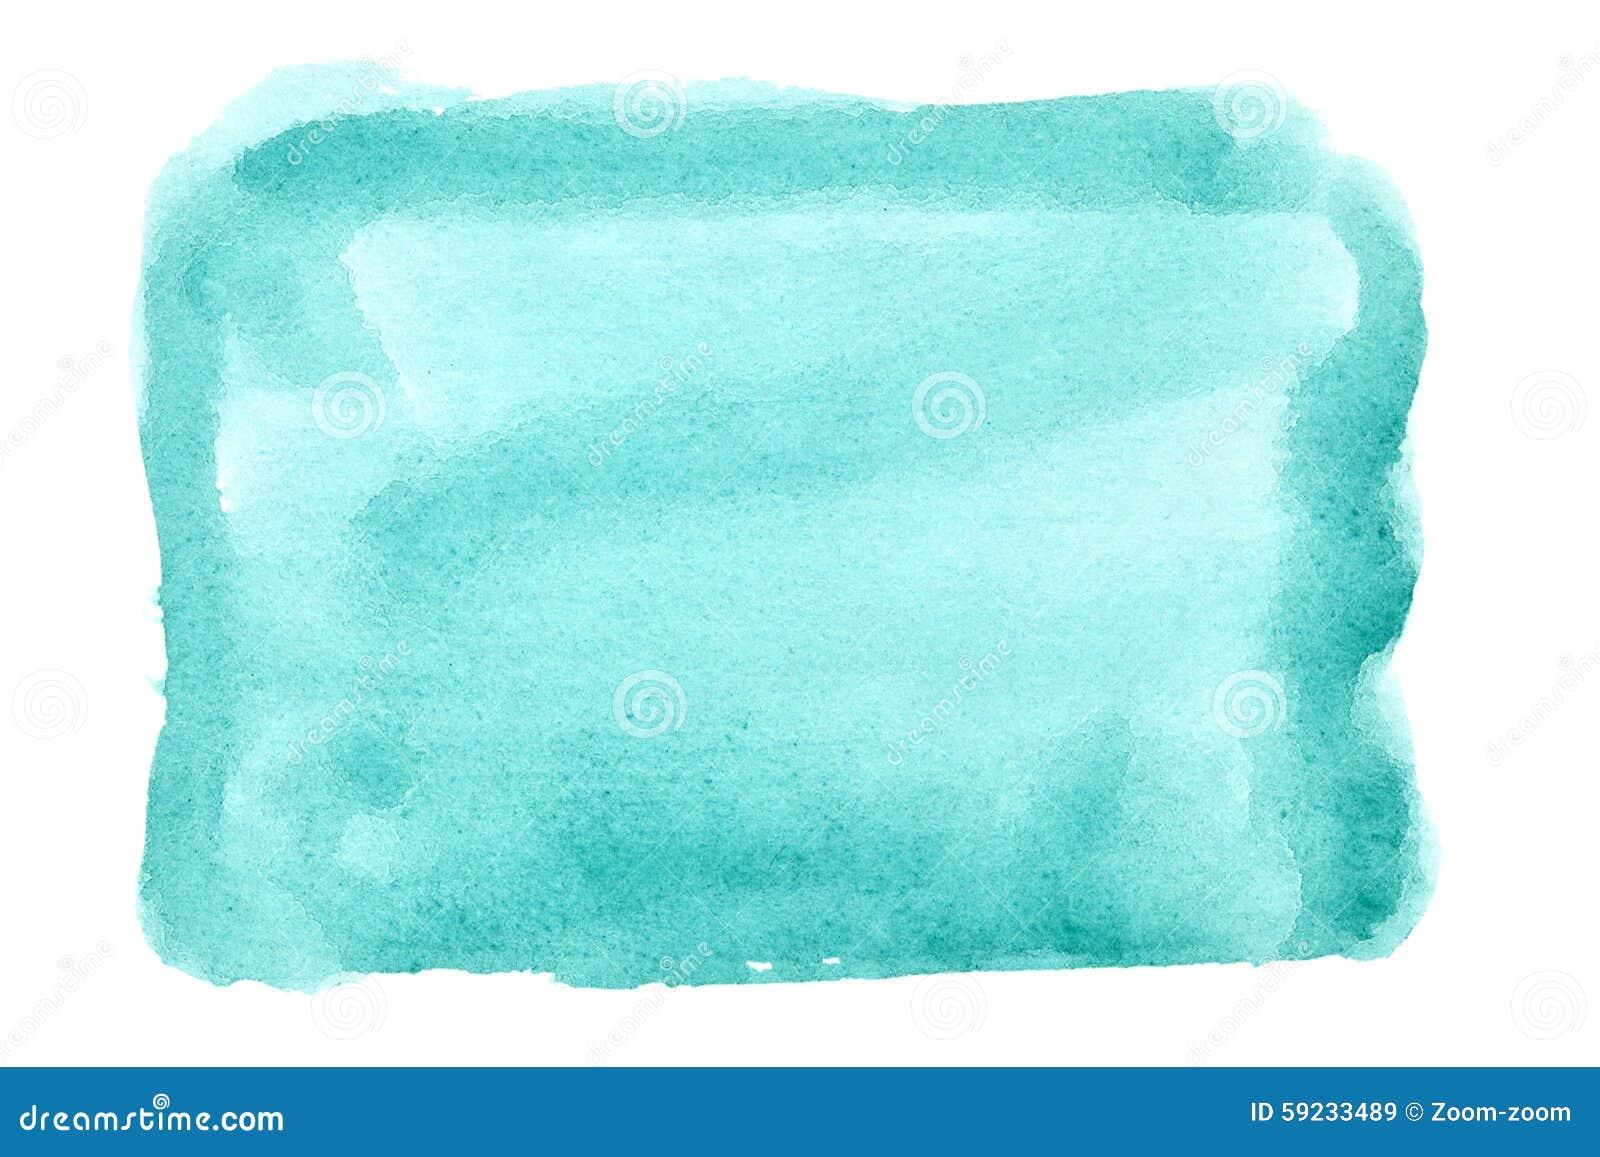 Download Fondo verde de la acuarela stock de ilustración. Ilustración de elemento - 59233489